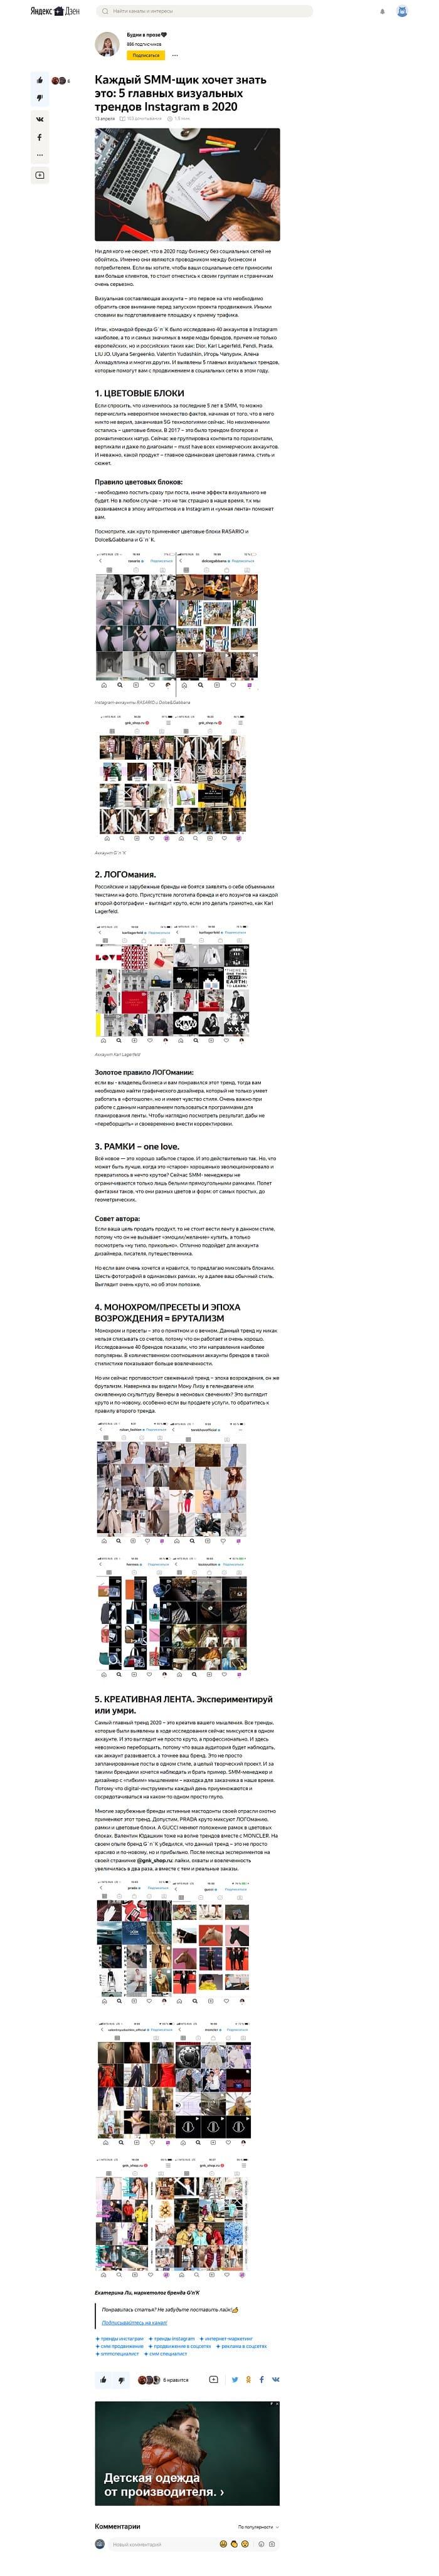 Блогер с сети Яндекс Дзен опубликовала в своем блоге исследование от G'n'K